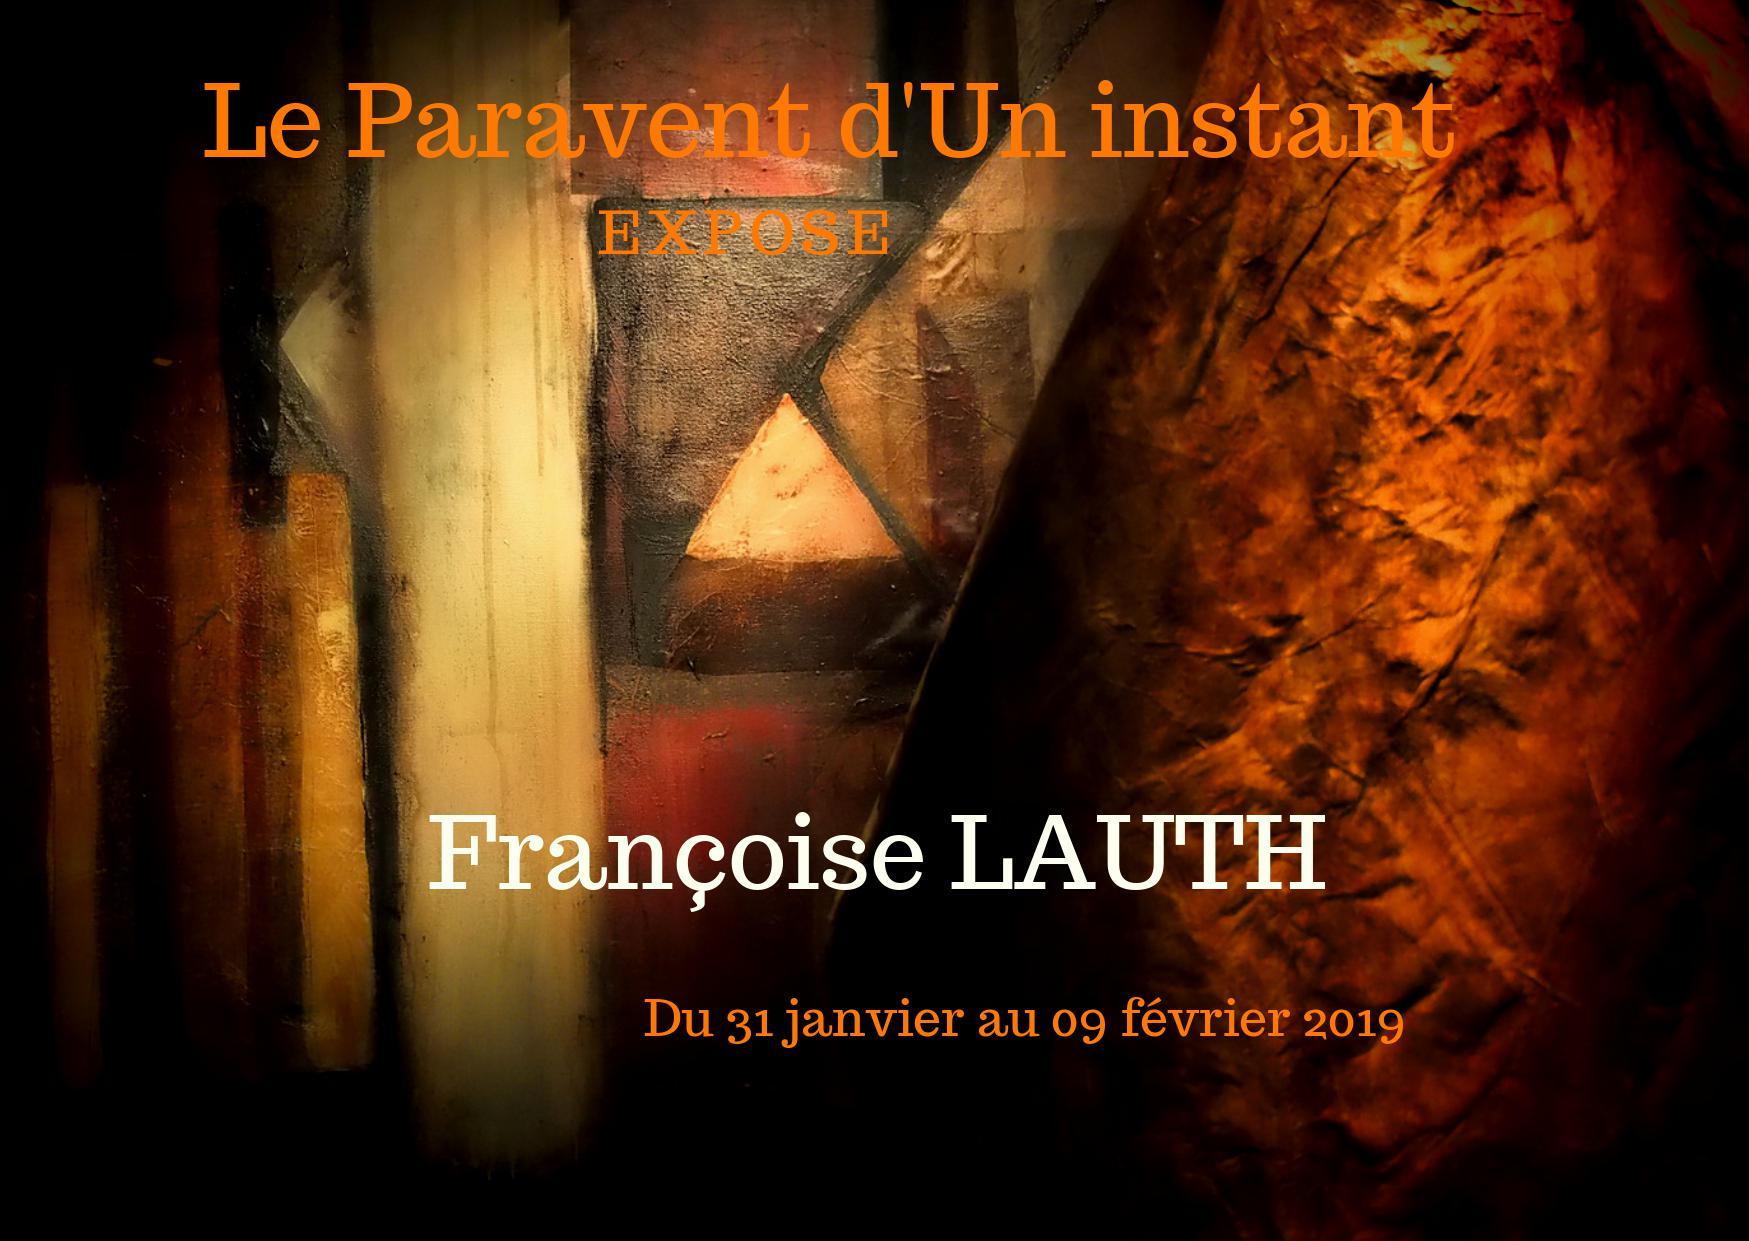 expo Francoise